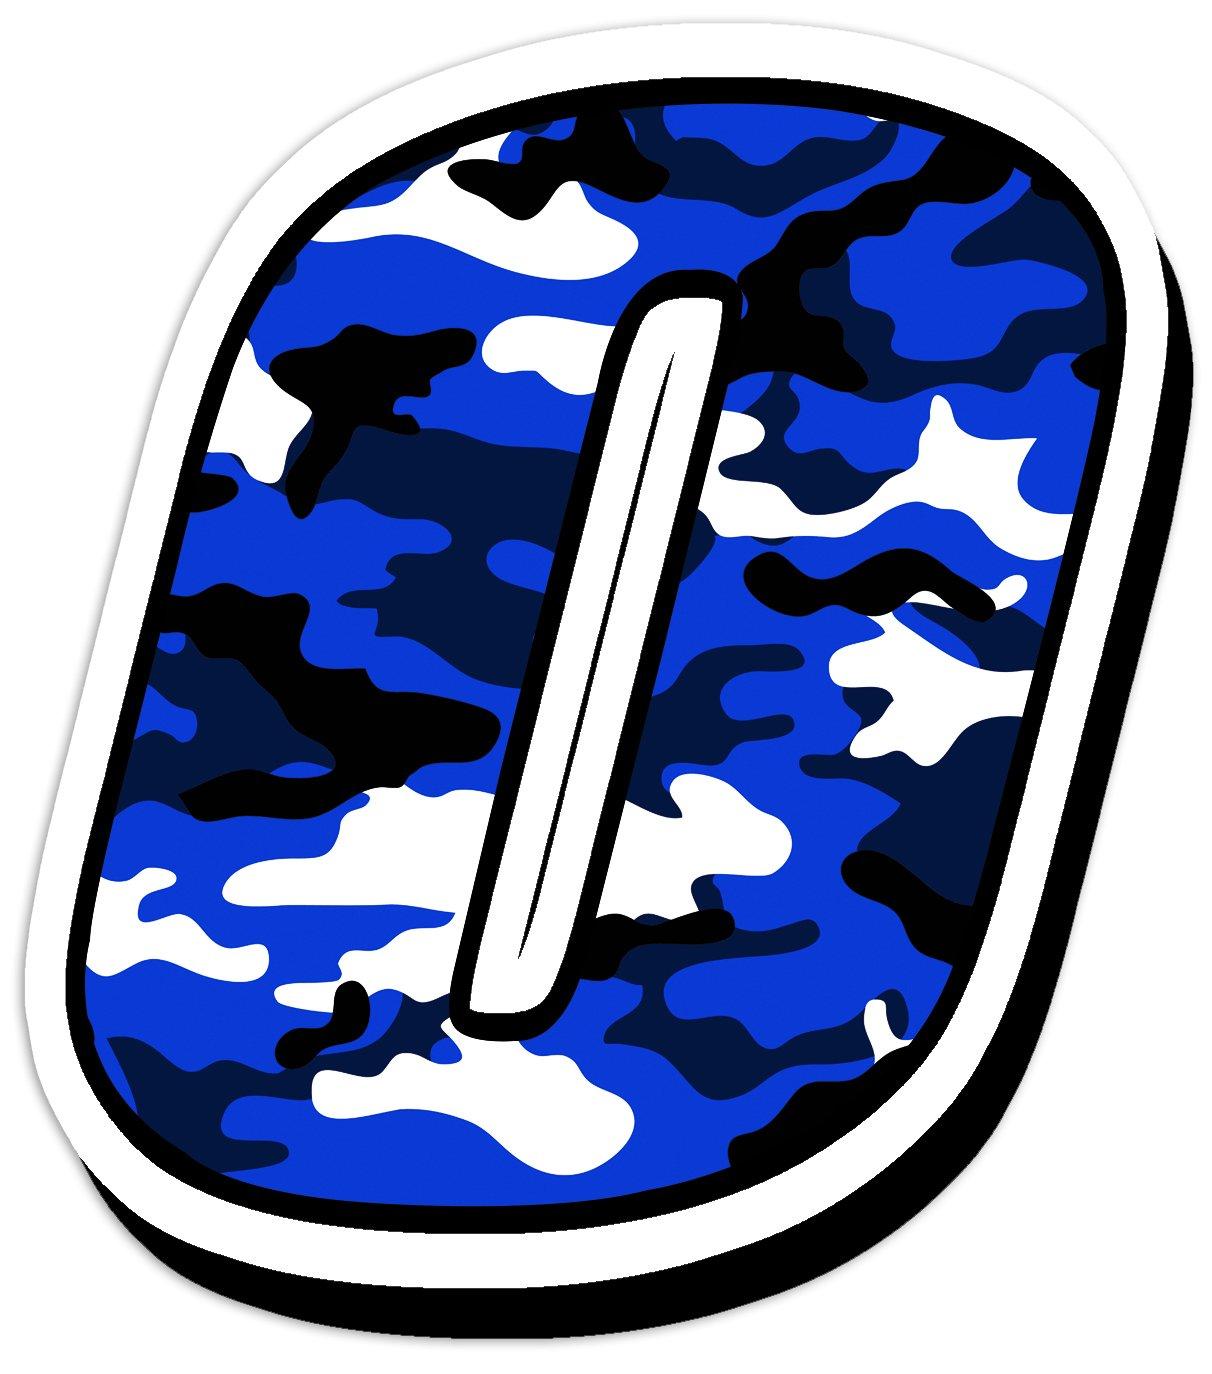 Skino Start nú mero vinilo adhesivos motosross motor sport racing tuning Camuflaje Azul